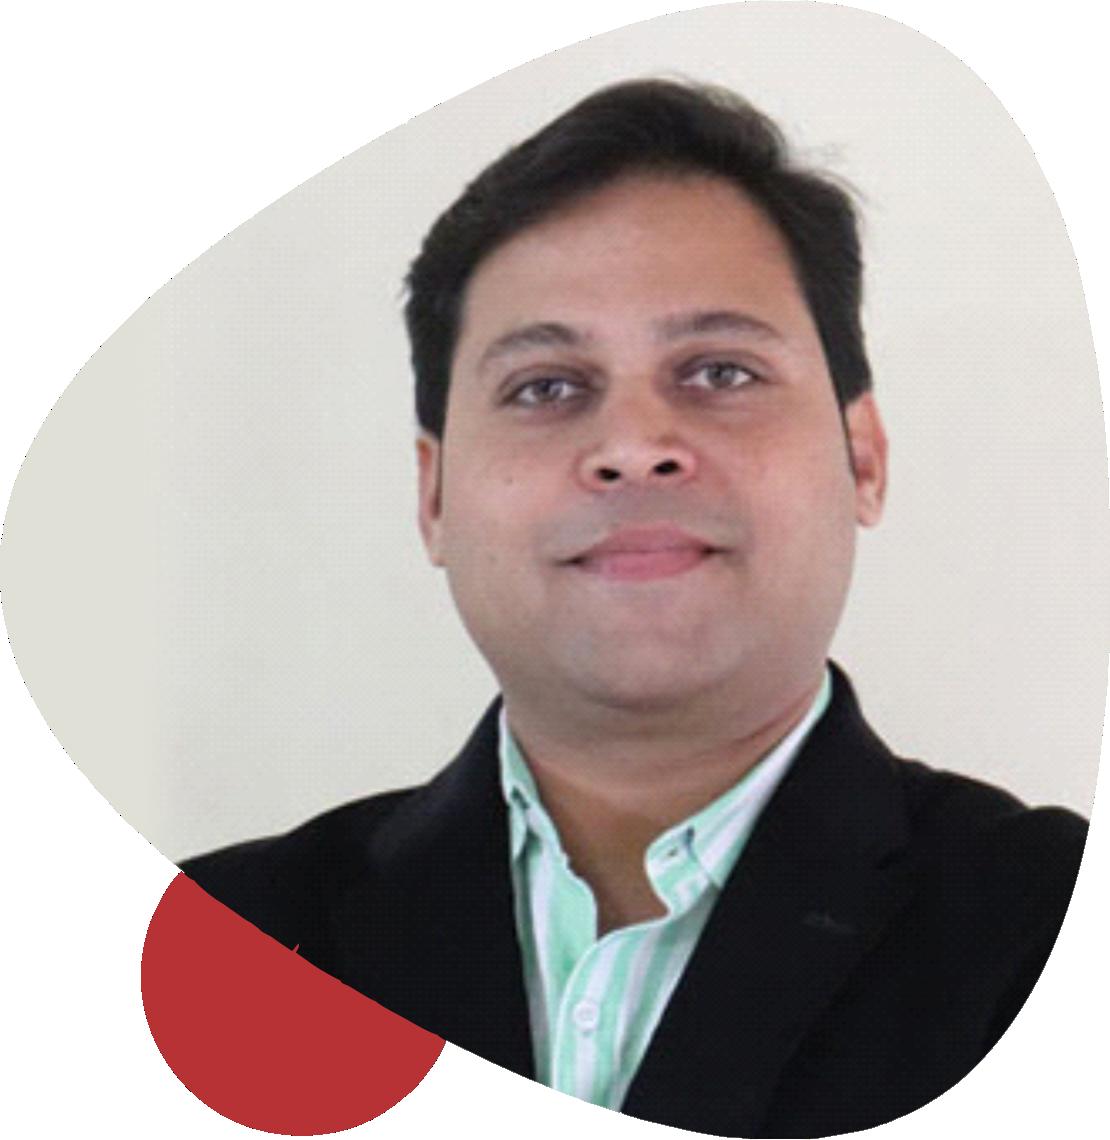 Sandesh_Chavan_M.D.